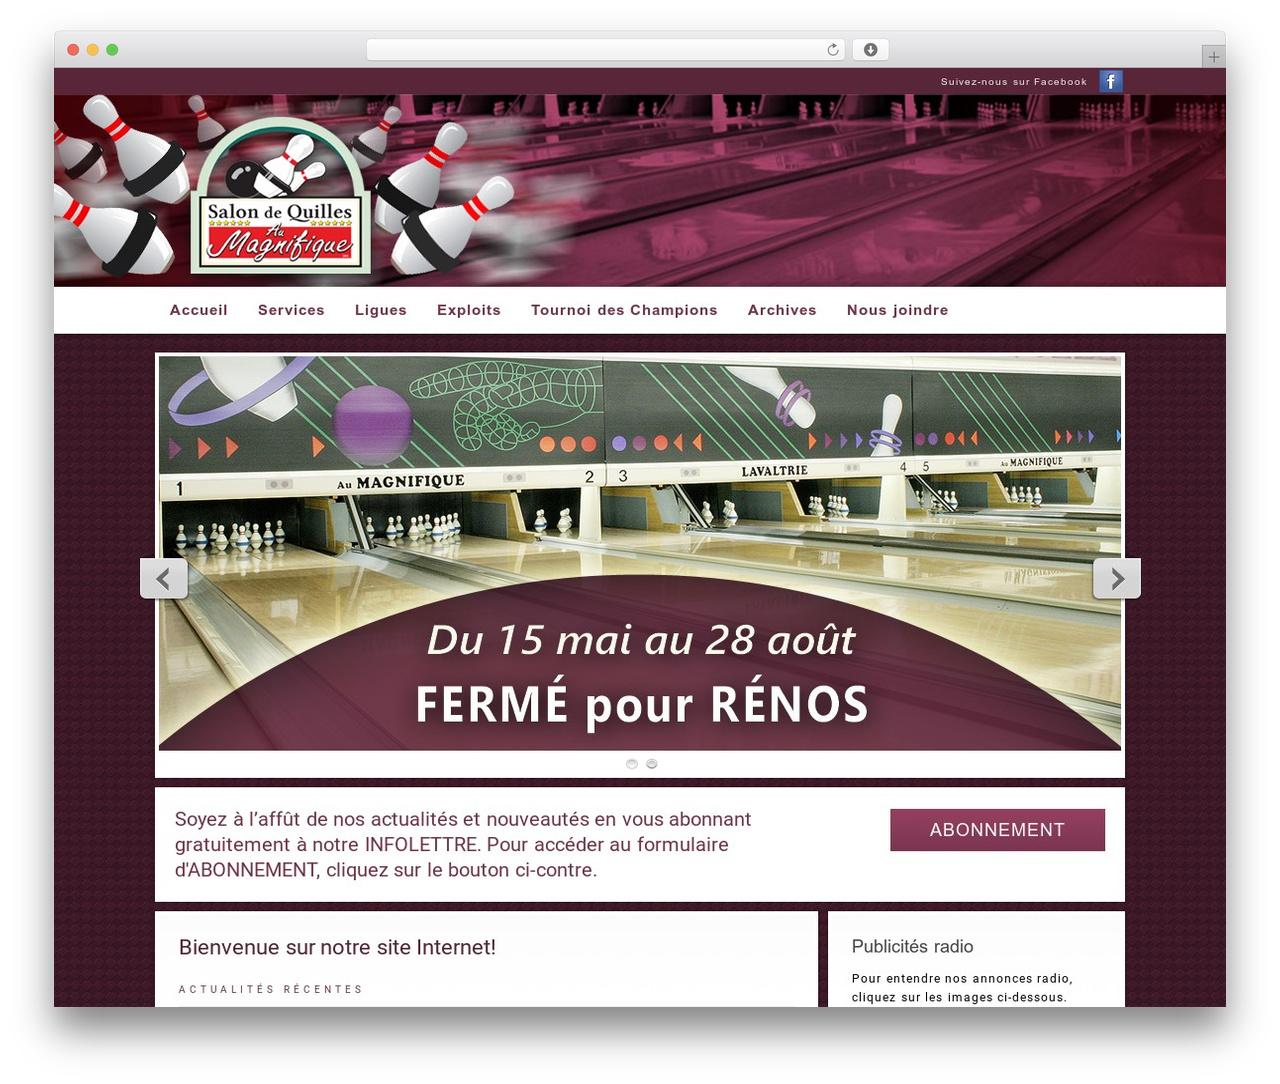 WordPress website template Modular - quillesaumagnifique.com